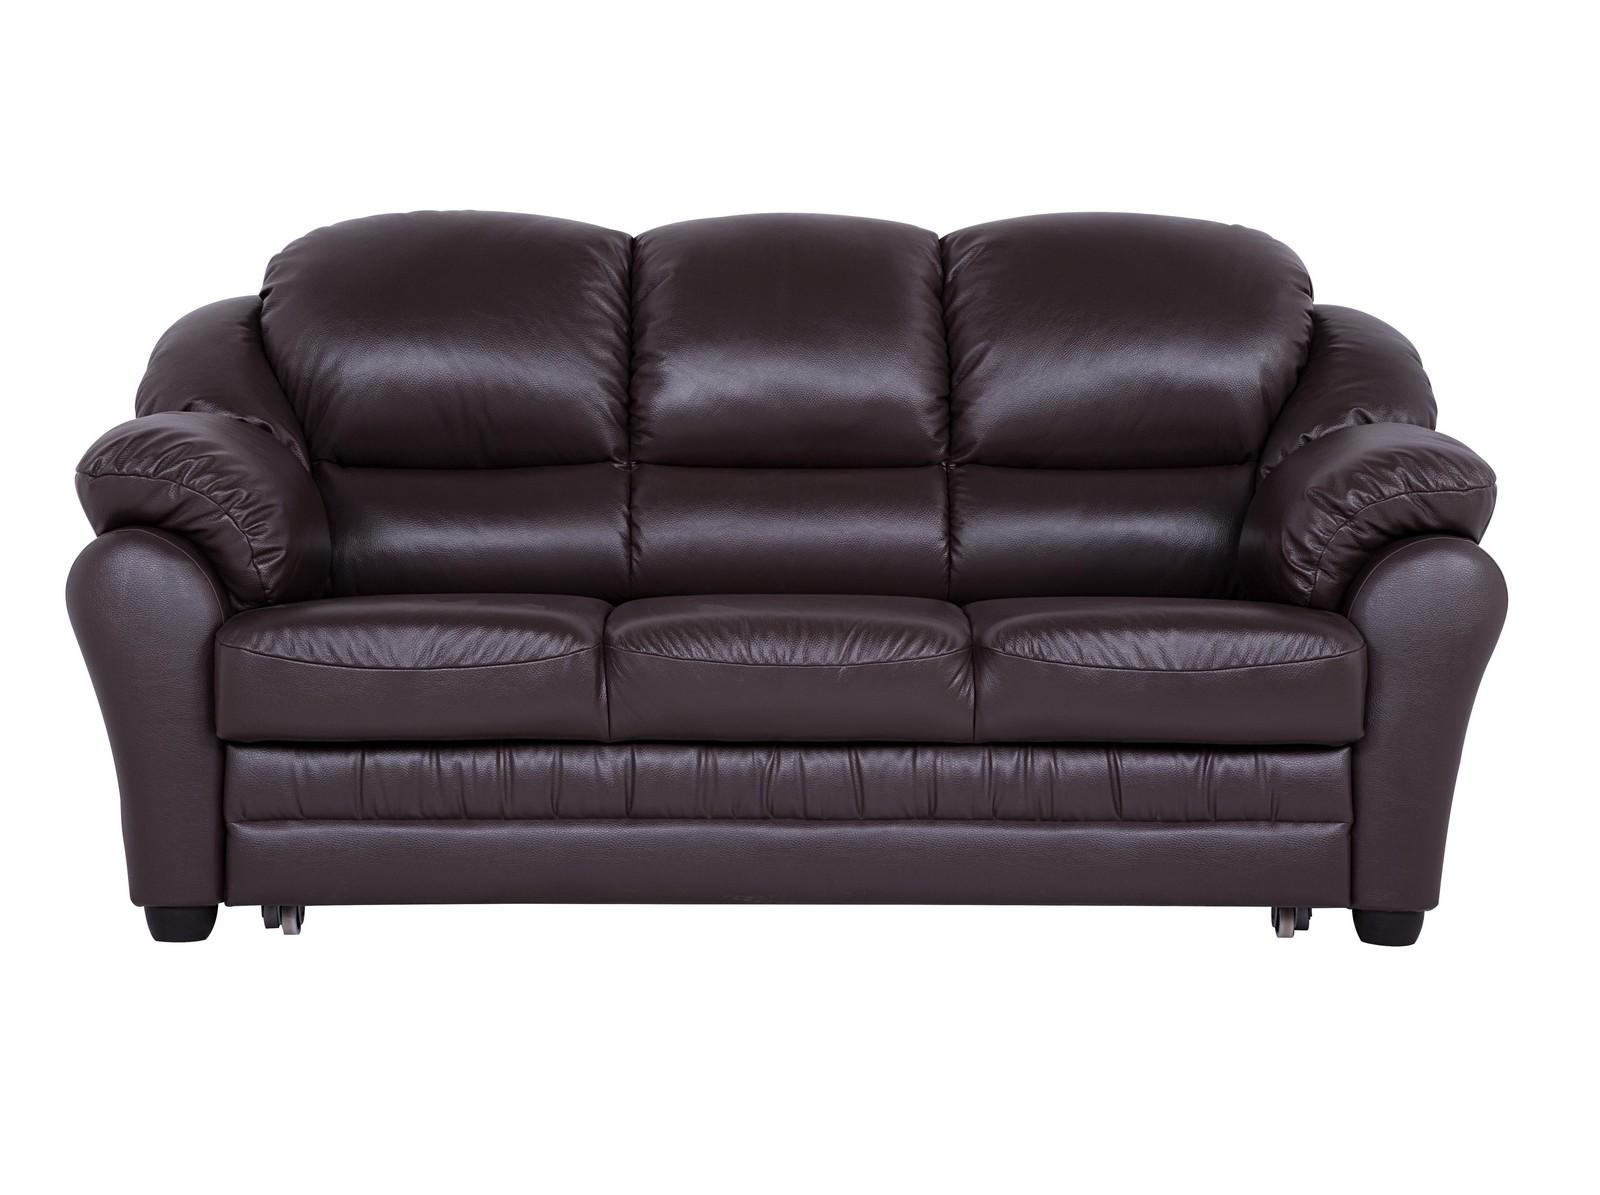 Диван-кровать БергКожаные диваны<br>&amp;lt;div&amp;gt;Достаточно просто на секундочку присесть на этот диван и вставать с него вам не захочется! Каждая &amp;amp;nbsp;его линия создана, чтобы вы и ваши гости с комфортом провели время. Несмотря на объемные подлокотники и мягкую спинку, этот диван достатоно компактен. В разложенном состоянии он станет полноценной кроватью.&amp;lt;/div&amp;gt;&amp;lt;div&amp;gt;&amp;lt;br&amp;gt;&amp;lt;/div&amp;gt;&amp;lt;div&amp;gt;Материал обивки: микрофибра.&amp;lt;/div&amp;gt;&amp;lt;div&amp;gt;Размер спального места: 196х142 см.&amp;lt;/div&amp;gt;<br><br>Material: Кожа<br>Ширина см: 196<br>Высота см: 102<br>Глубина см: 91